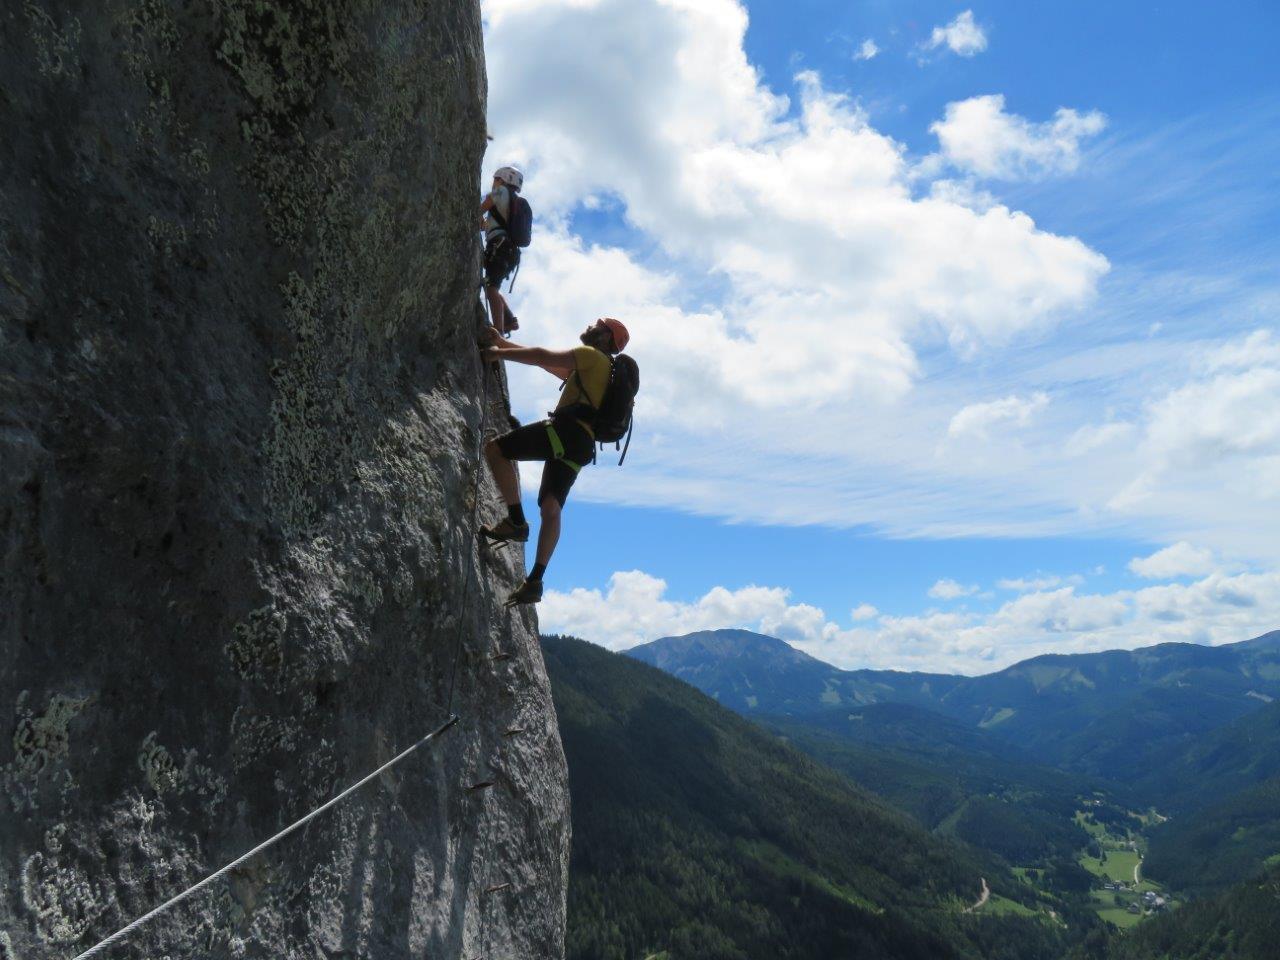 Klettersteig Himmelsleiter : Der klettersteig leiteregg k u bergwelt